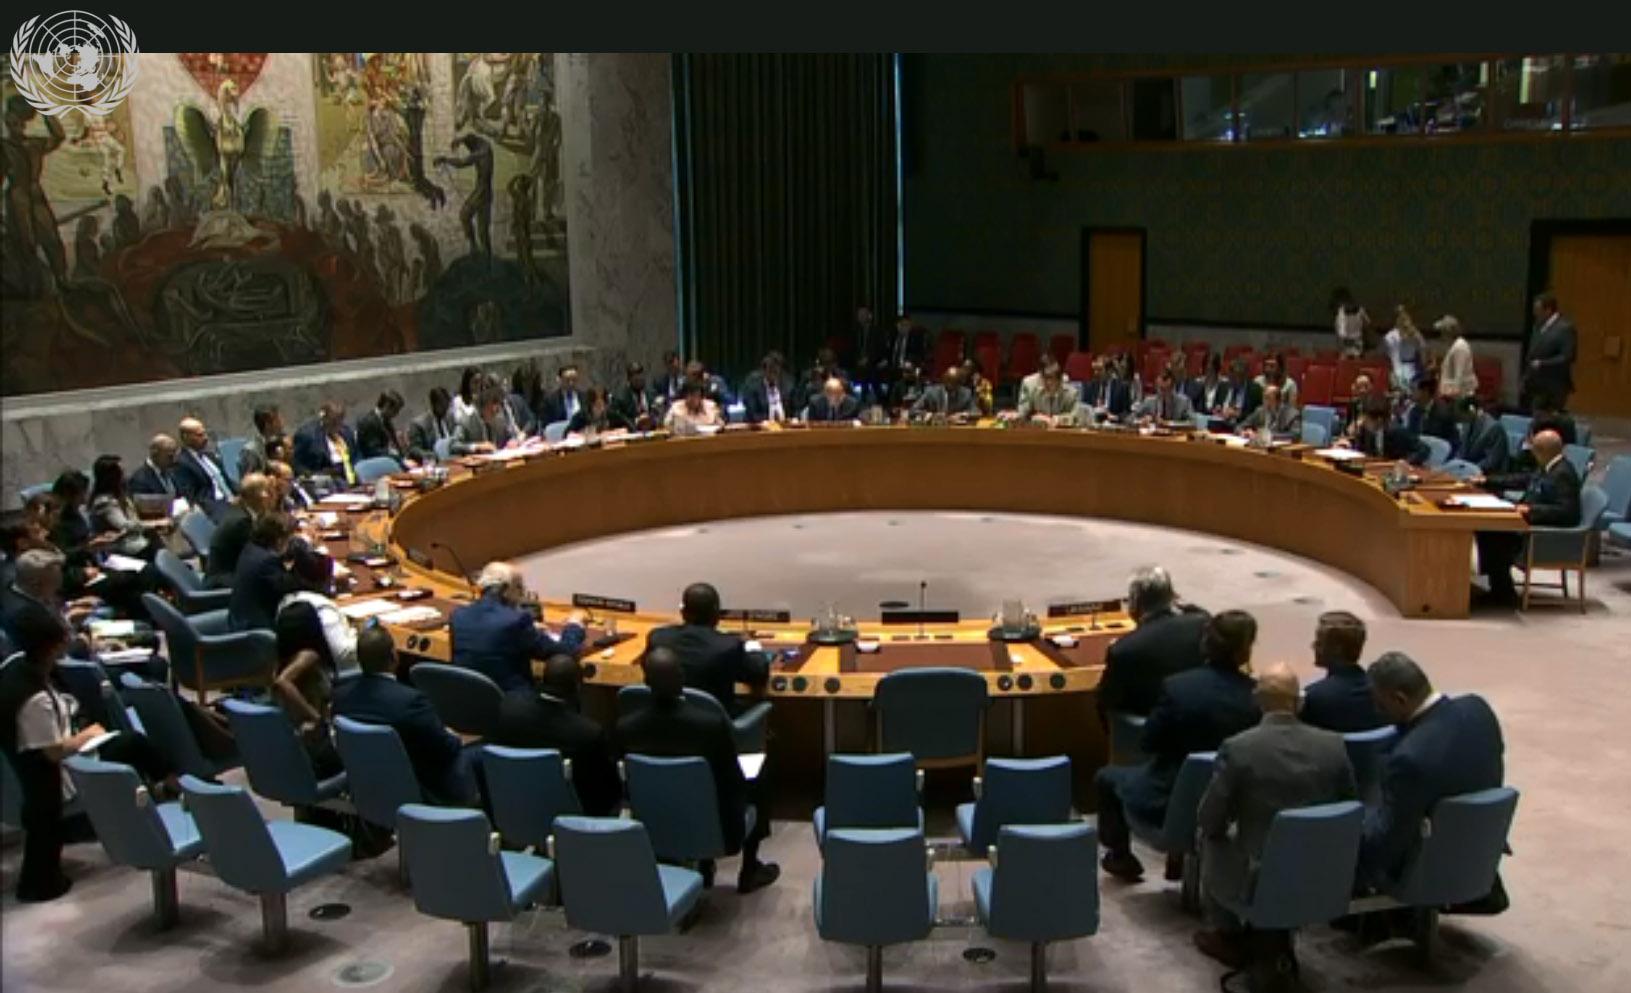 Языковой закон в Совбезе ООН: о чем говорили